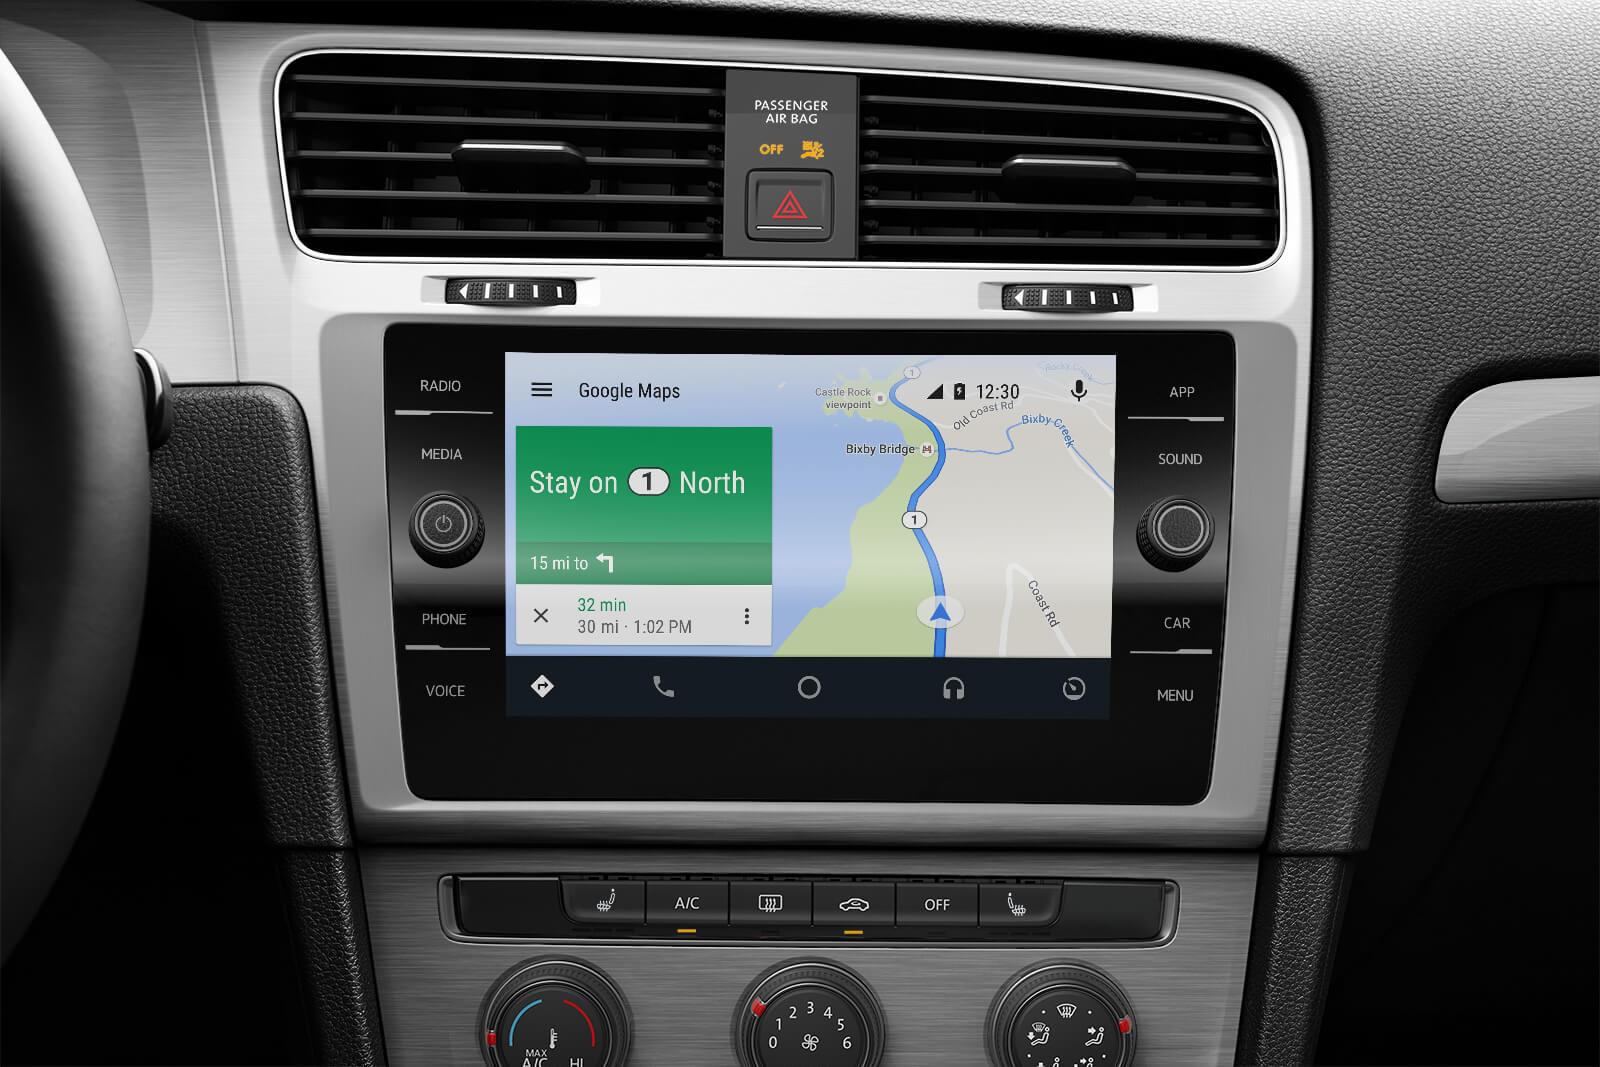 Pantalla táctil de 8 pulgadas para controlar funciones de navegación, audio y mucho más